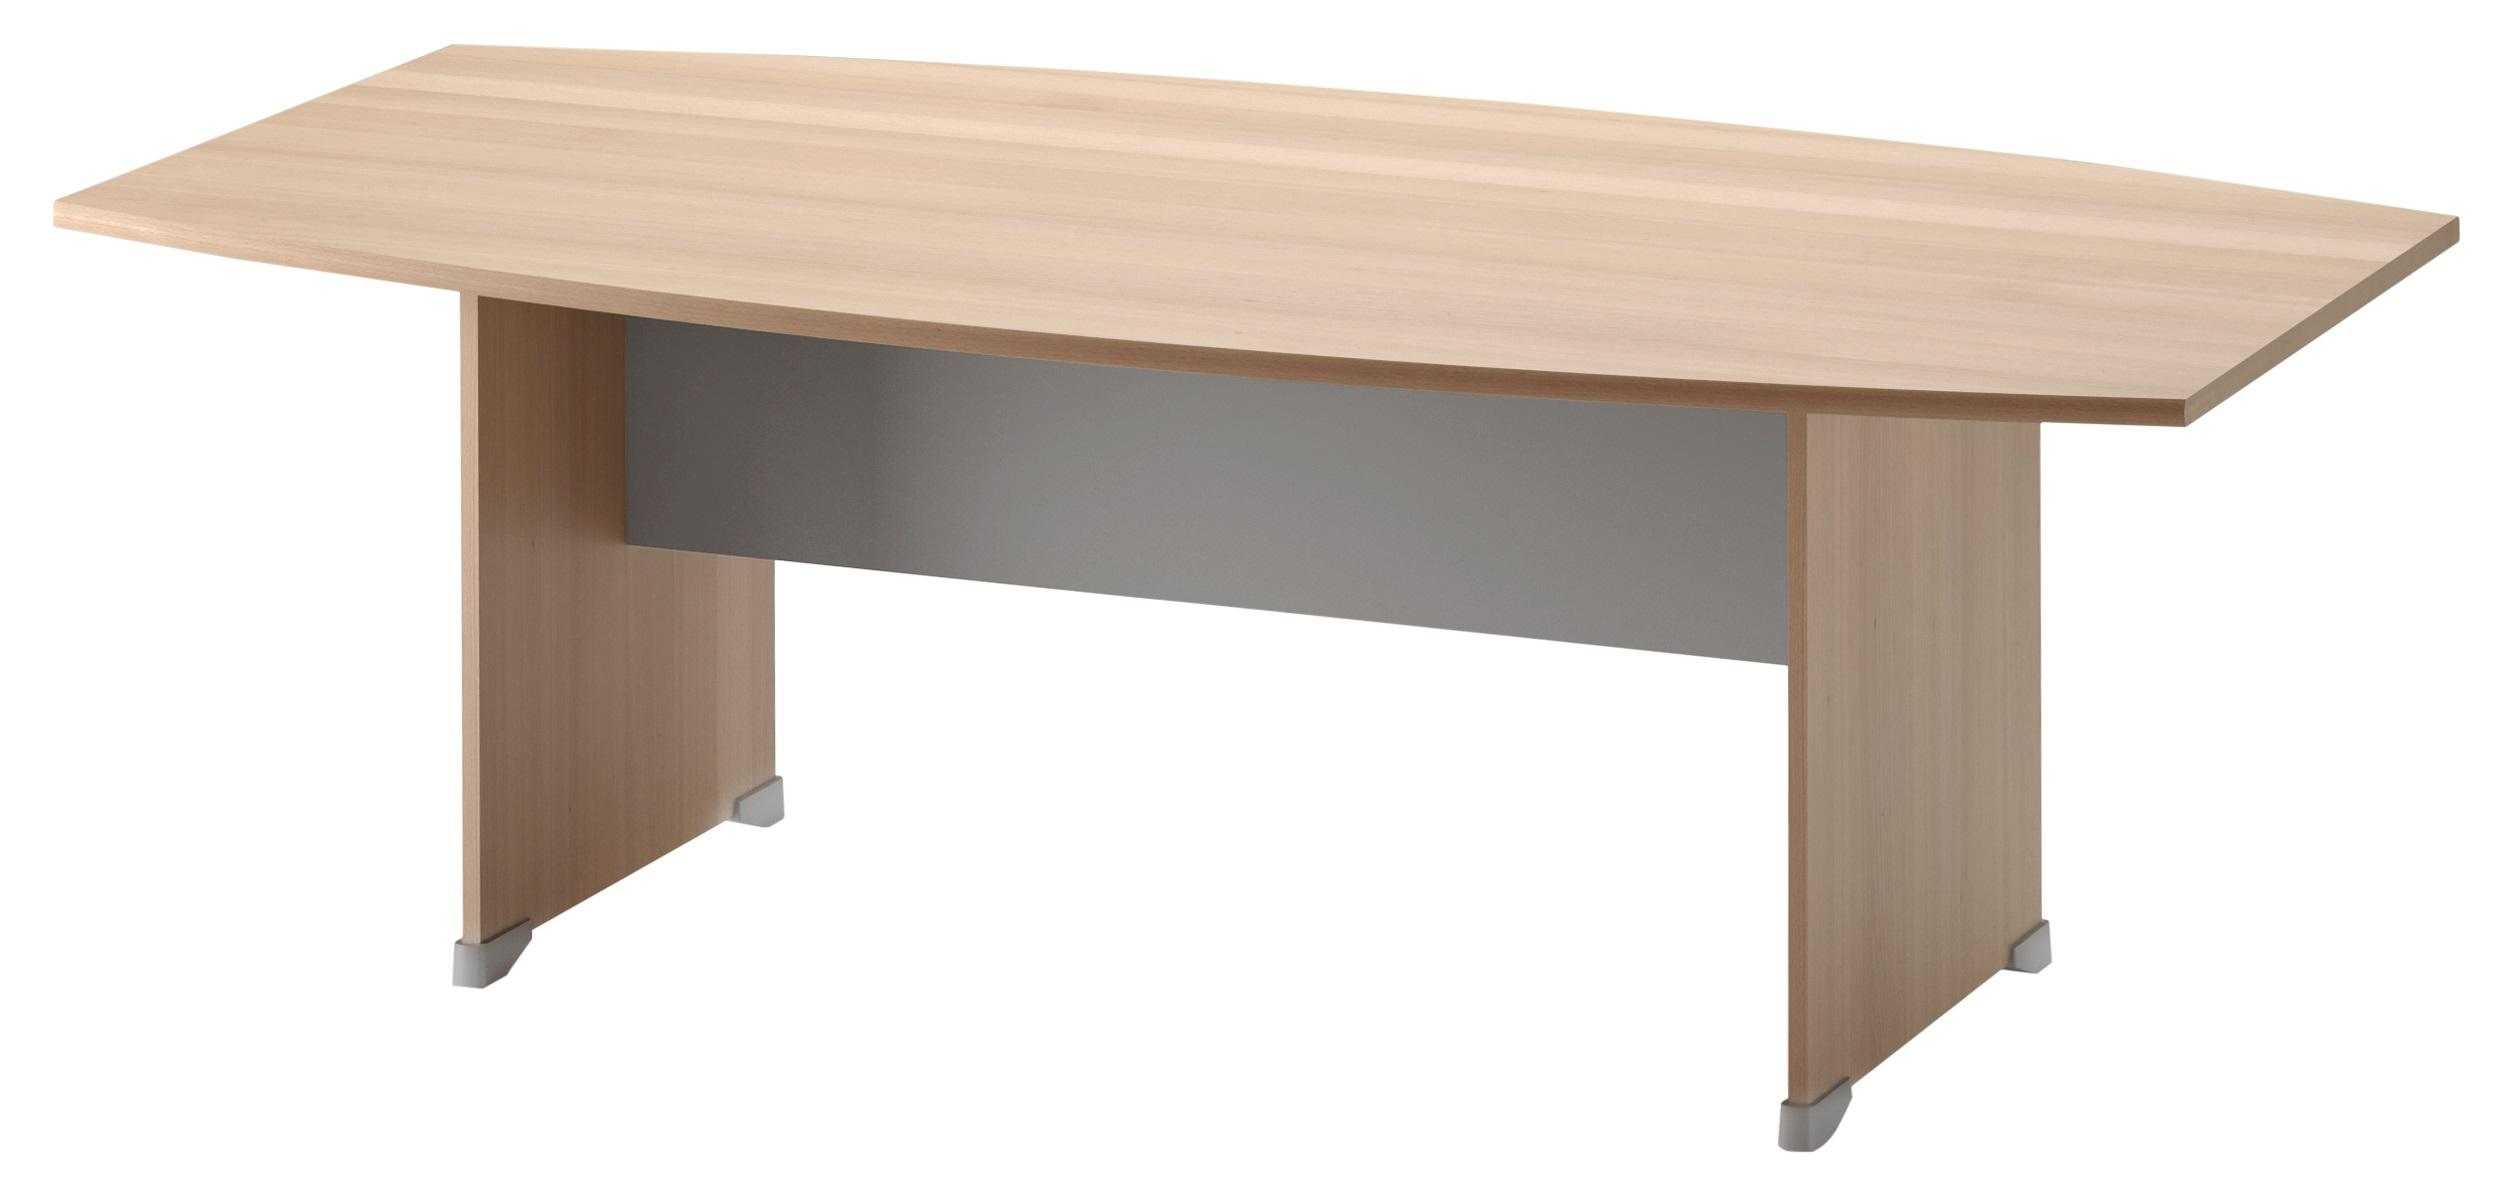 JAZZ+ HÊTRE AMBRÉ TABLE TONNEAU